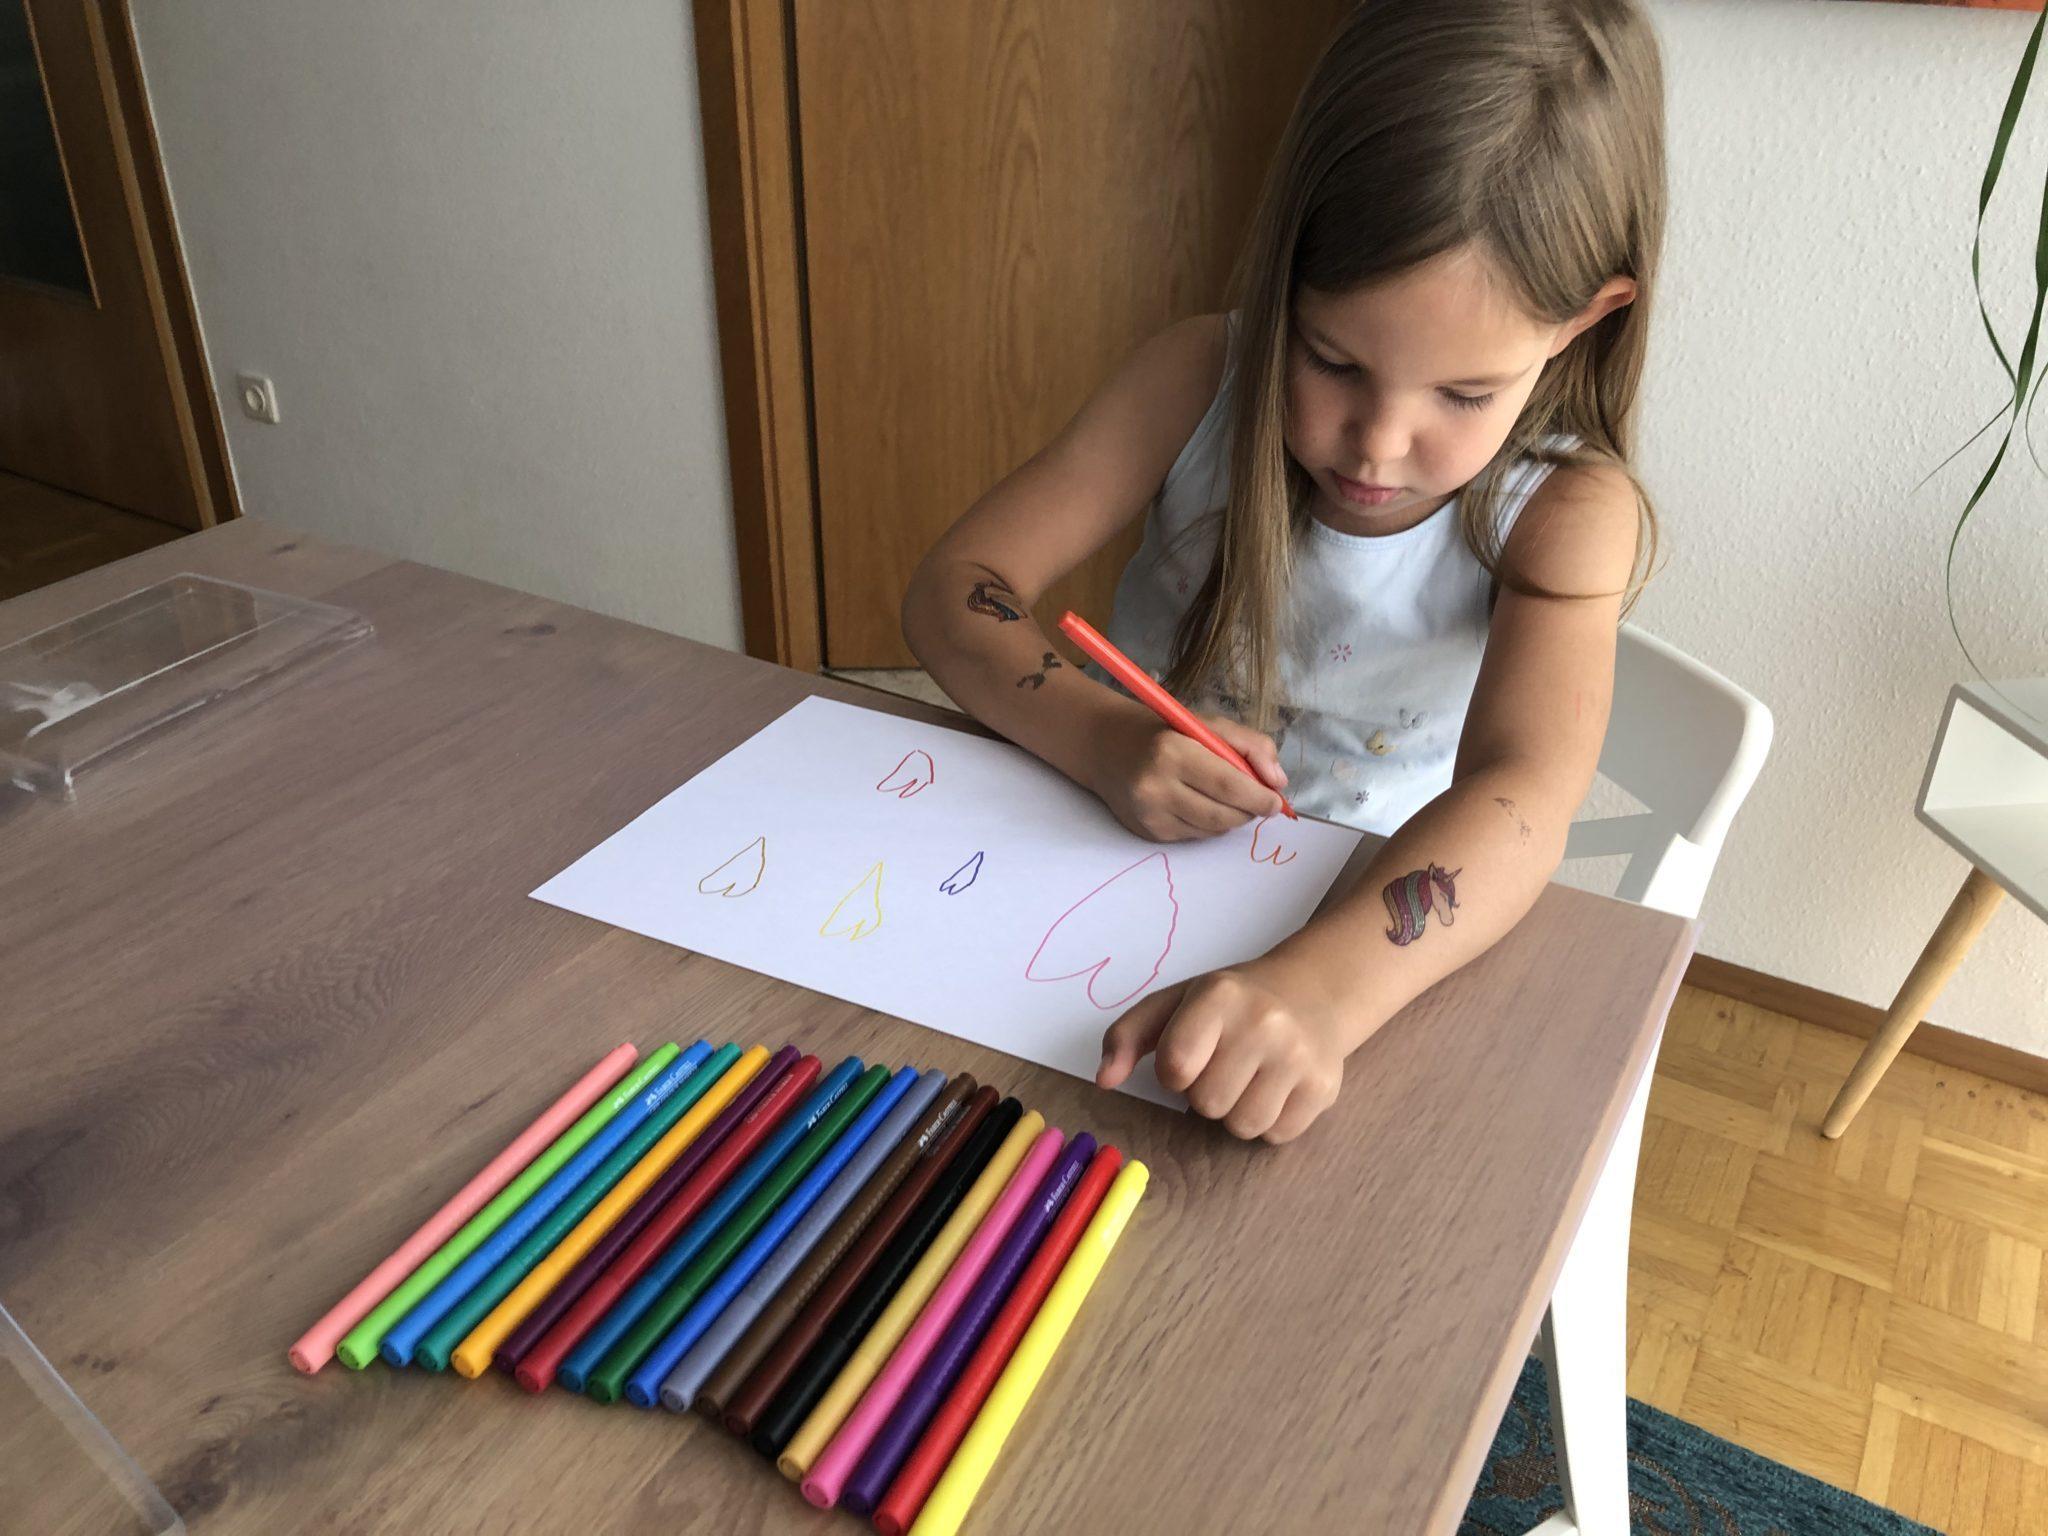 Stifthaltung lernen